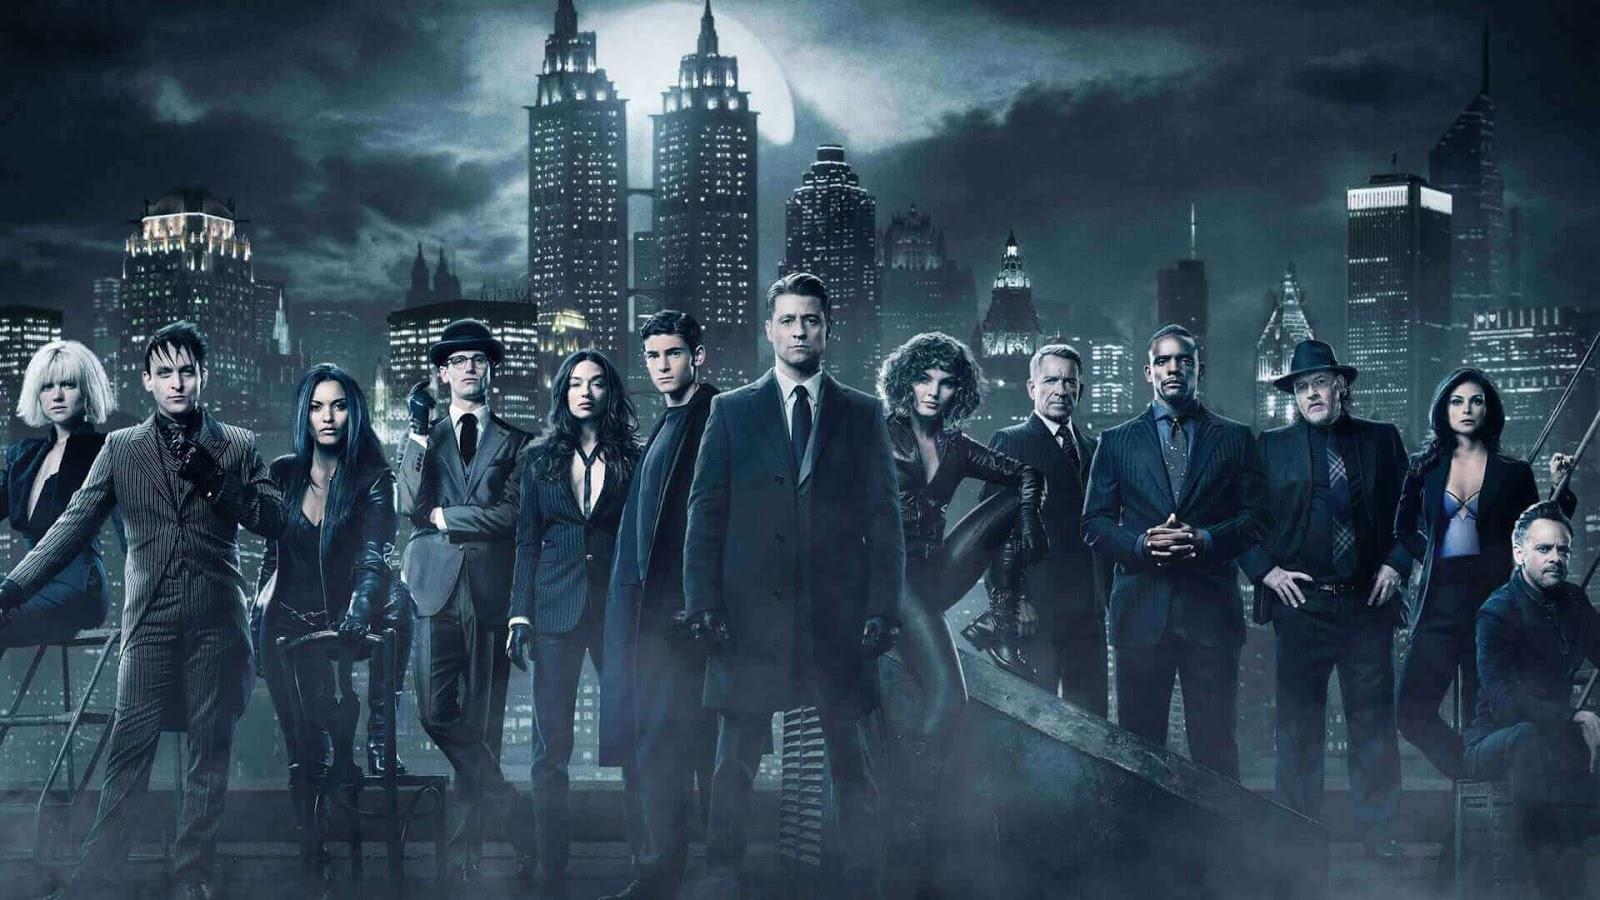 Gotham Season 4 เปิดตำนานเมืองค้างคาว ปี 4 ทุกตอน พากย์ไทย